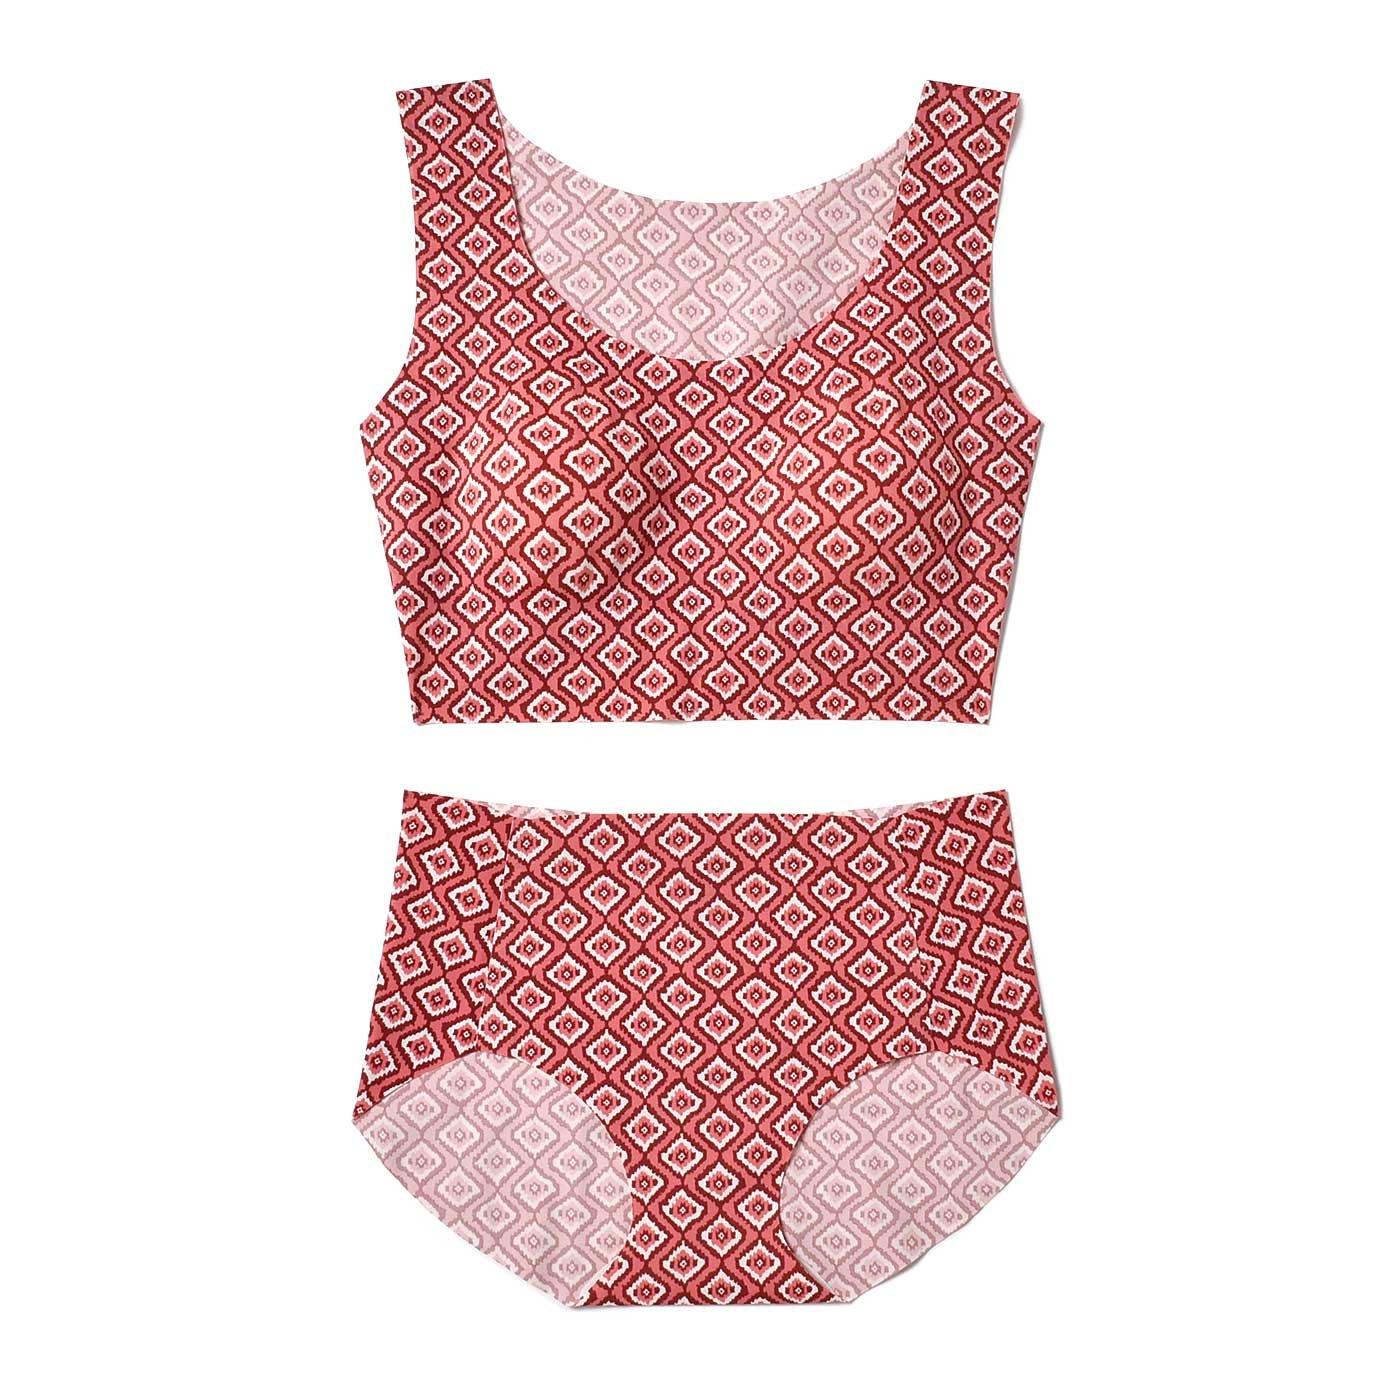 縫い目なしの心地よさ 大人フレンチスタイルが自慢のブラ&ショーツ〈ピンク〉